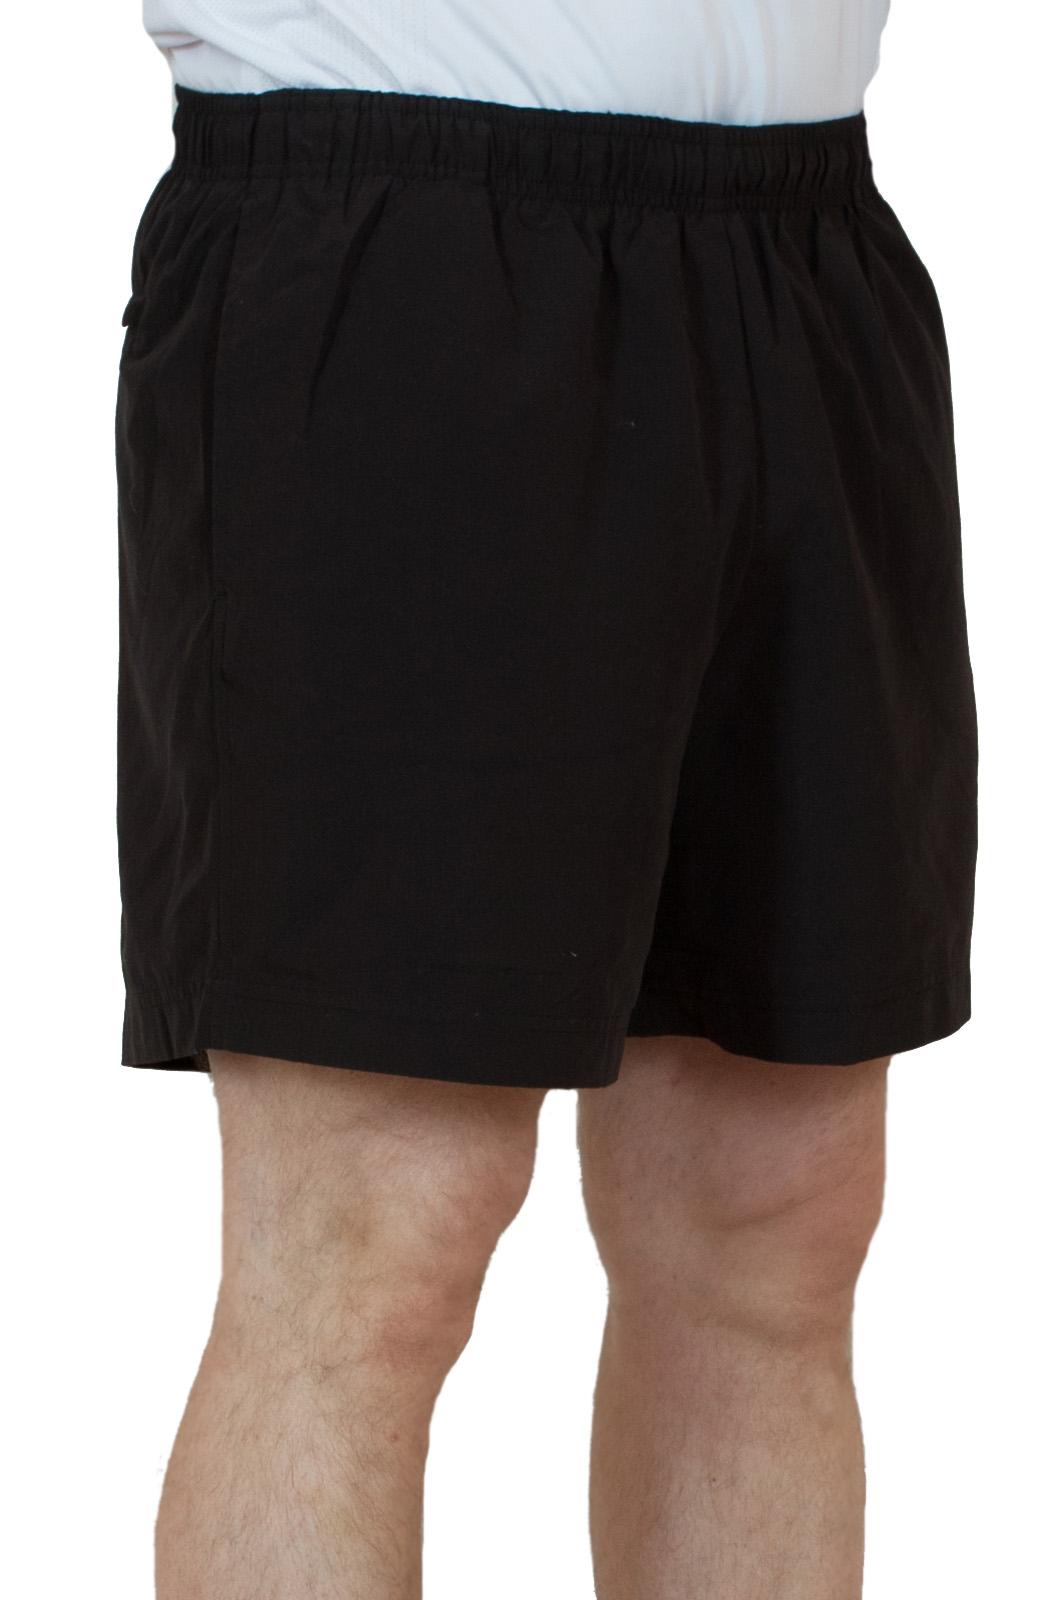 Черные теннисные мужские шорты - вид сбоку